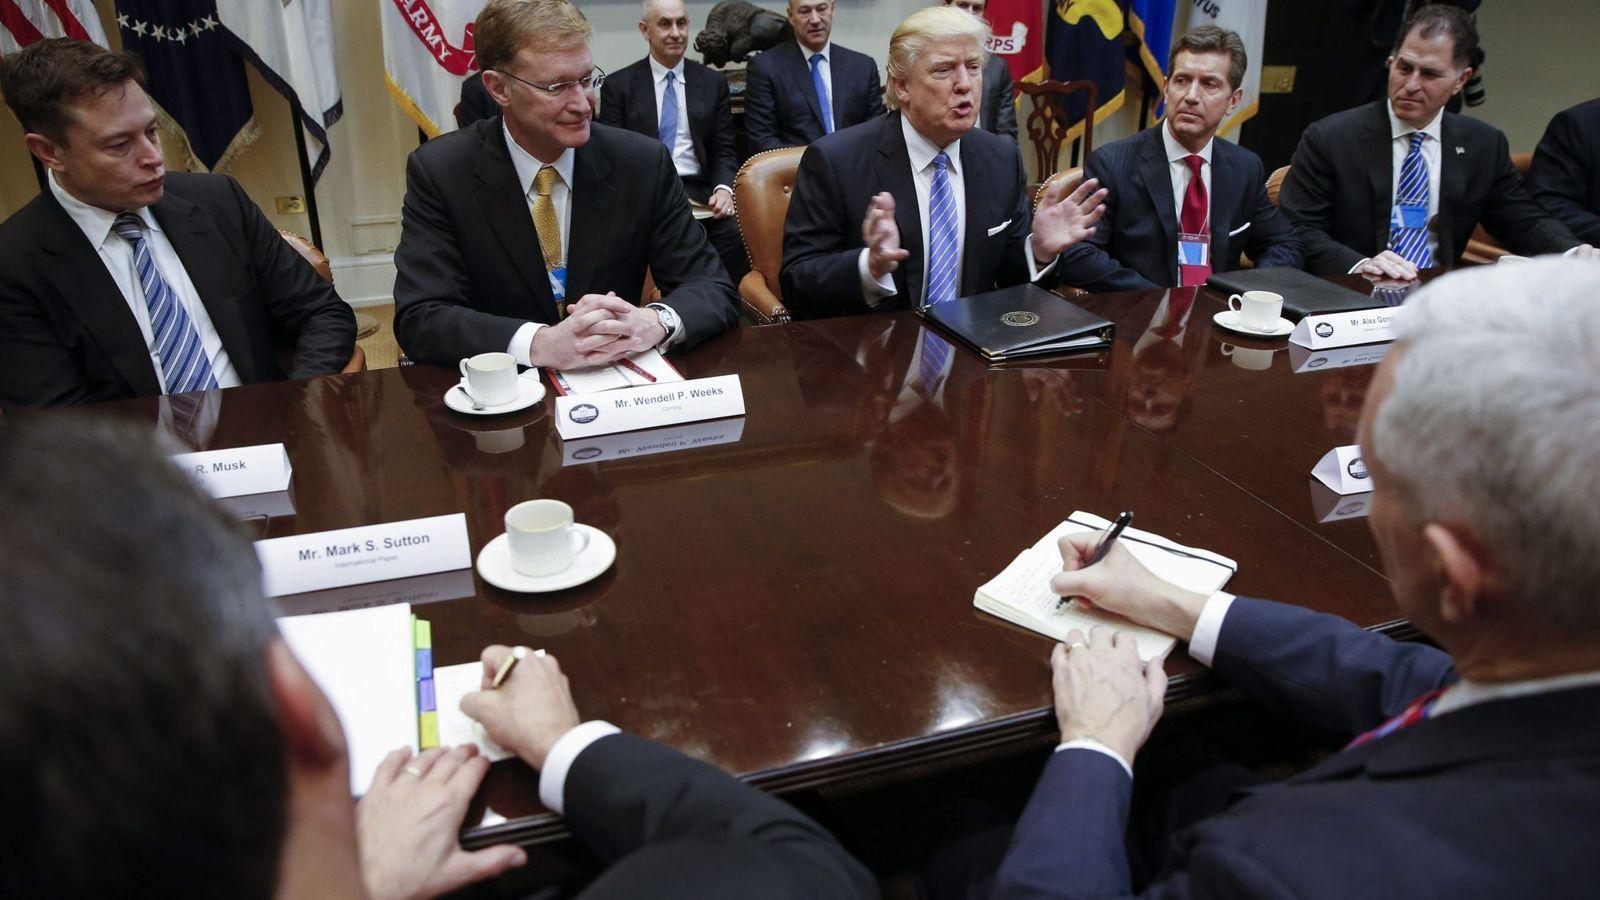 Foto: El director ejecutivo de la compañía Corning, Wendell Weeks (2i), y el director ejecutivo de Johnson & Johnson, Alex Gorsky (2d), asisten a una reunión convocada por el presidente estadounidense, Donald Trump (c), en la Sala Roosvelt de la Casa Blanc